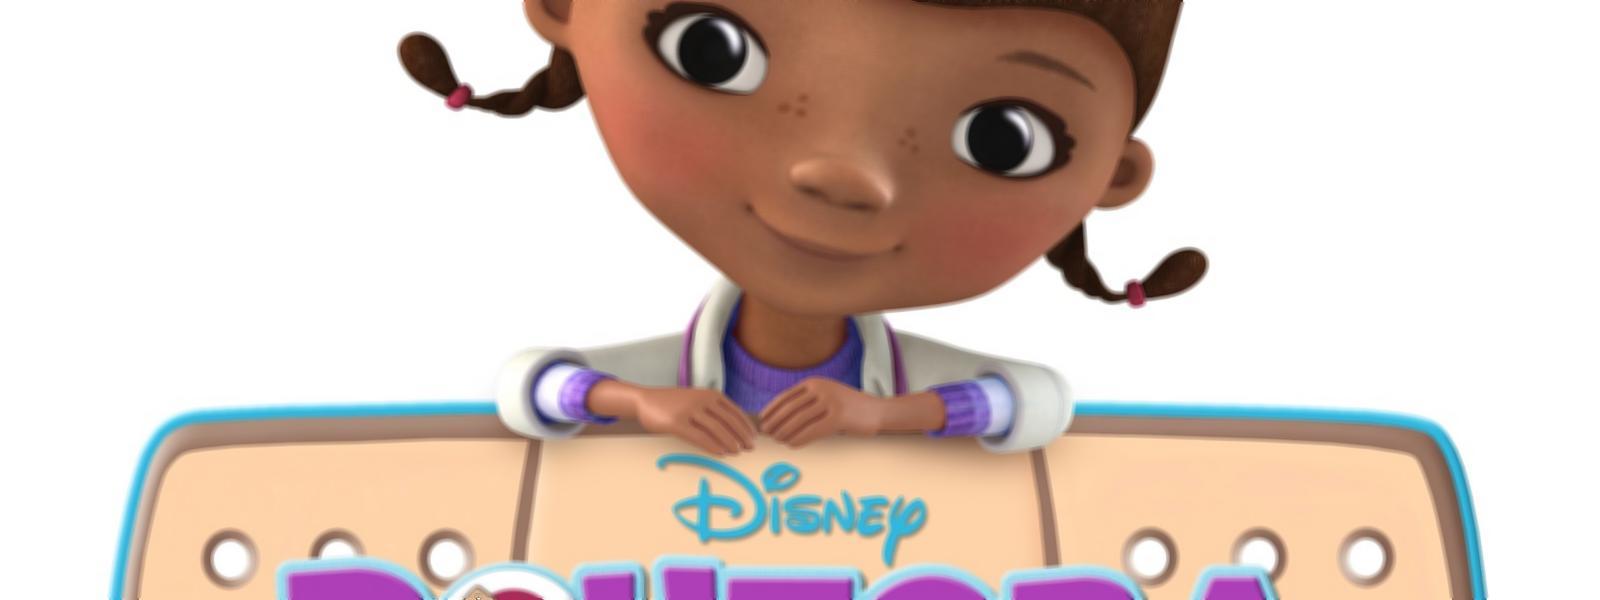 Doutora Brinquedos 1ª Temporada 2012 Filmow